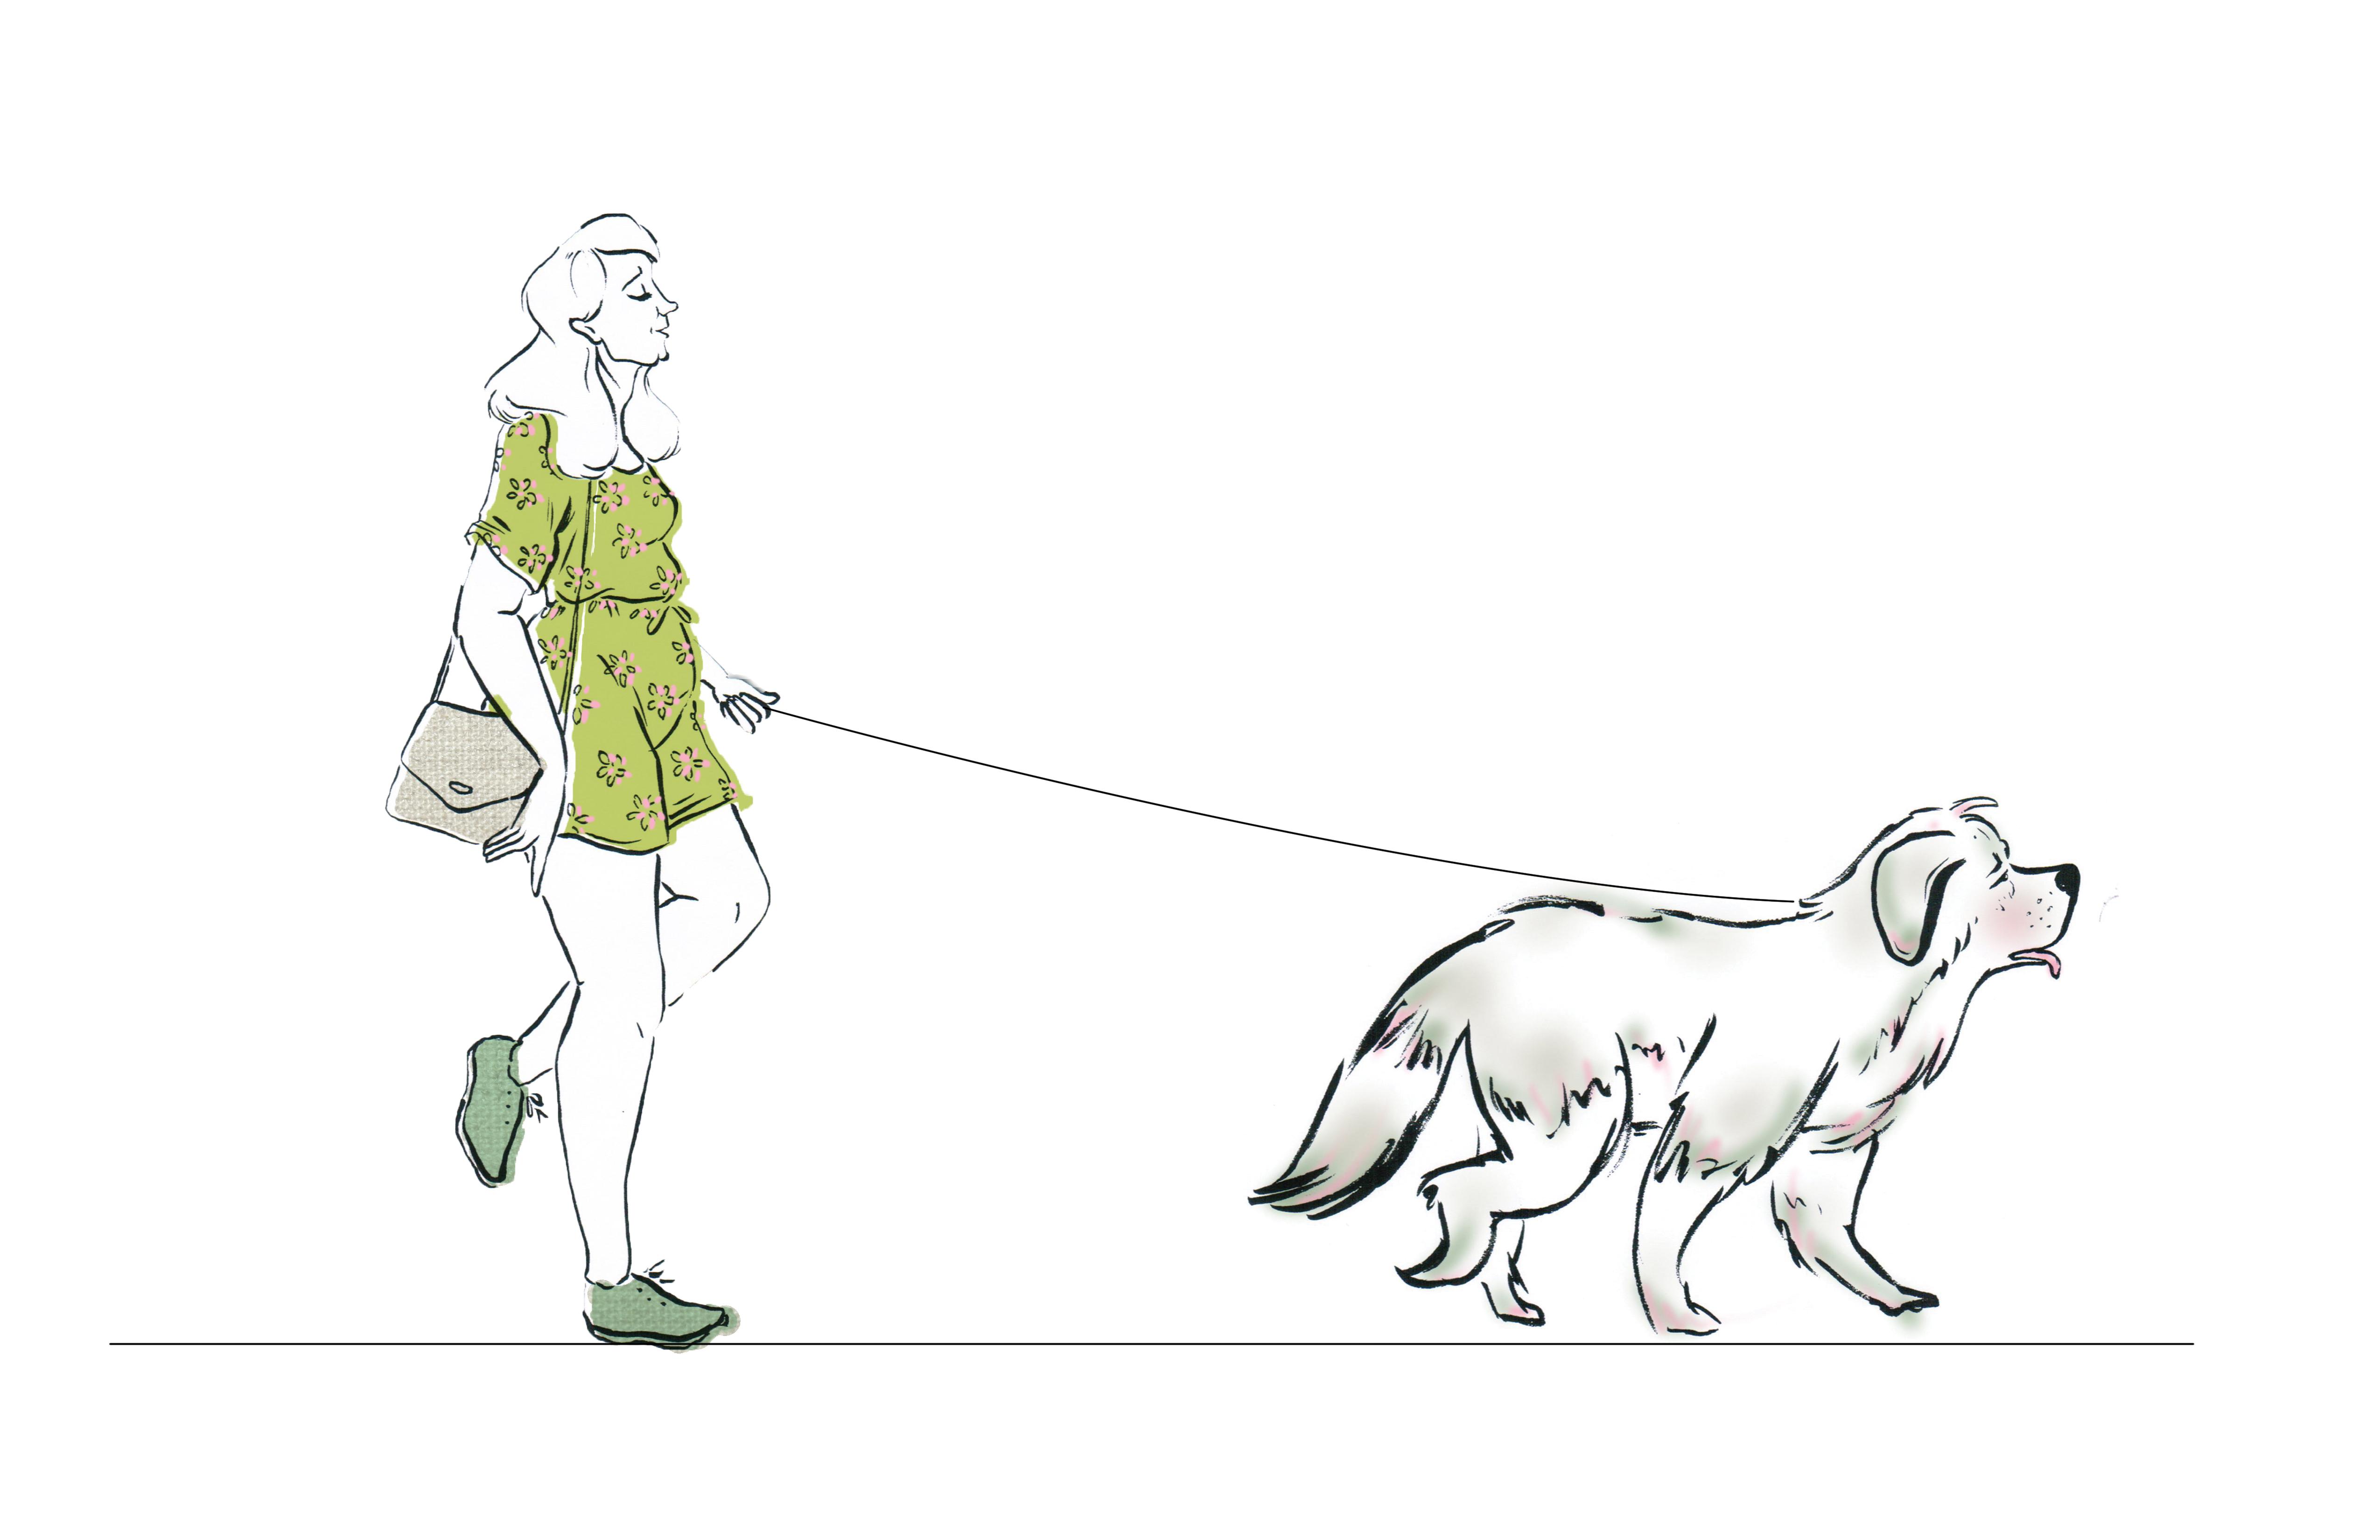 Still from 'Dogs an A - Z'